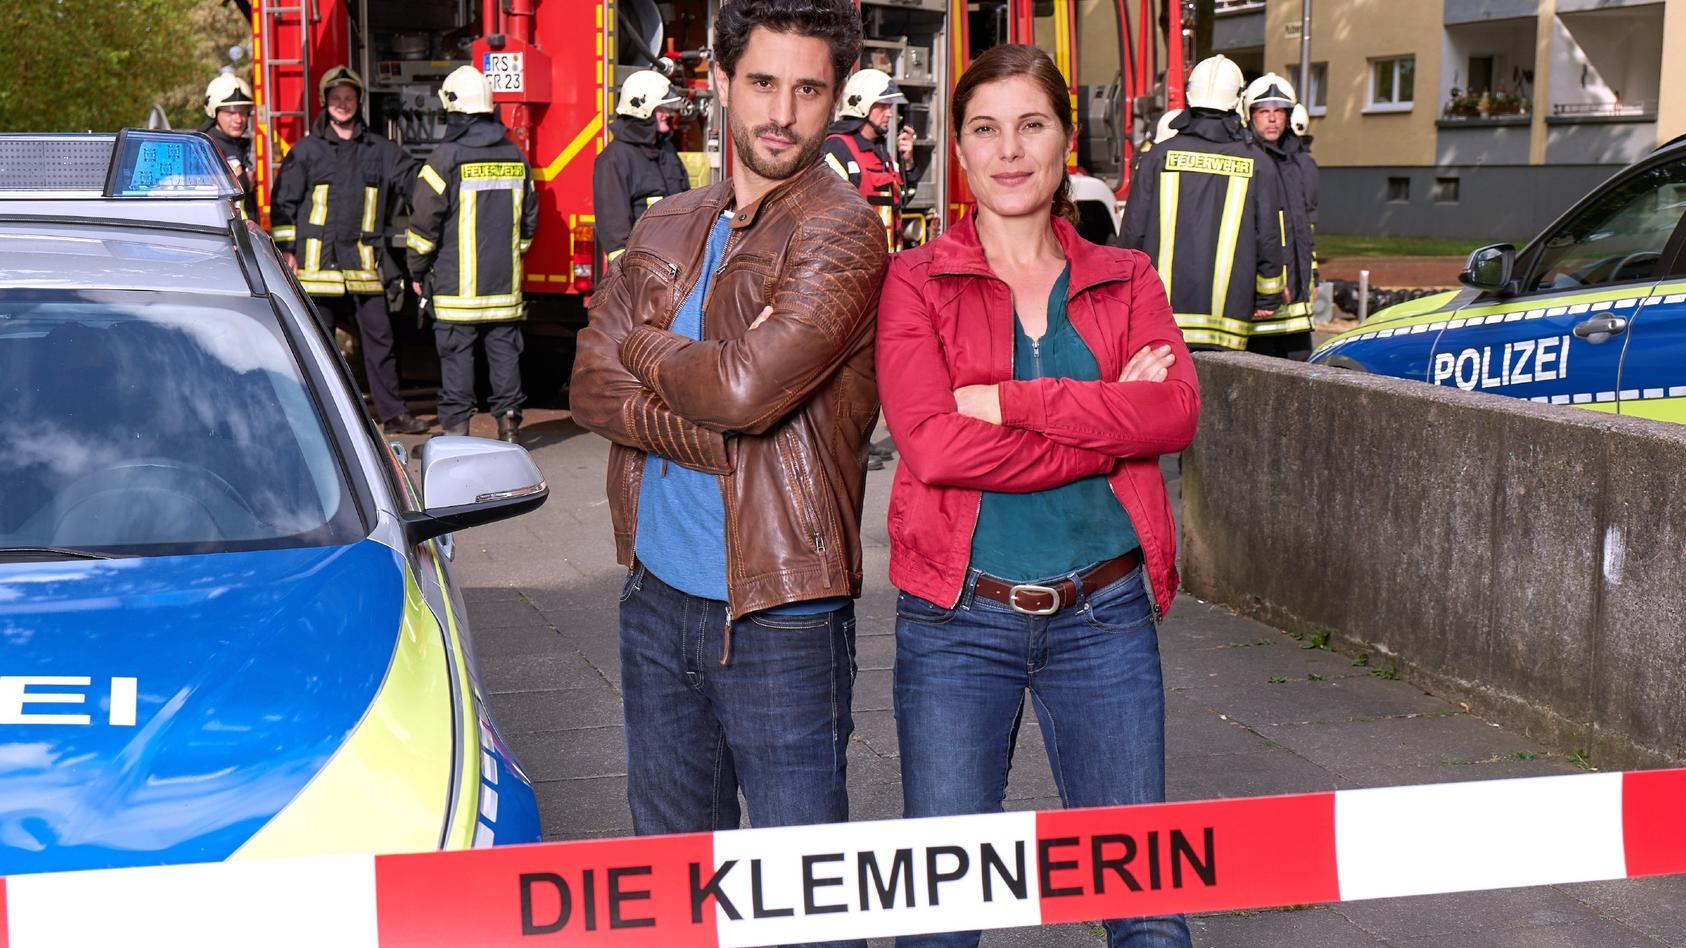 neue-serie-die-klempnerin-das-ist-das-neue-ermittler-duo-bei-rtl